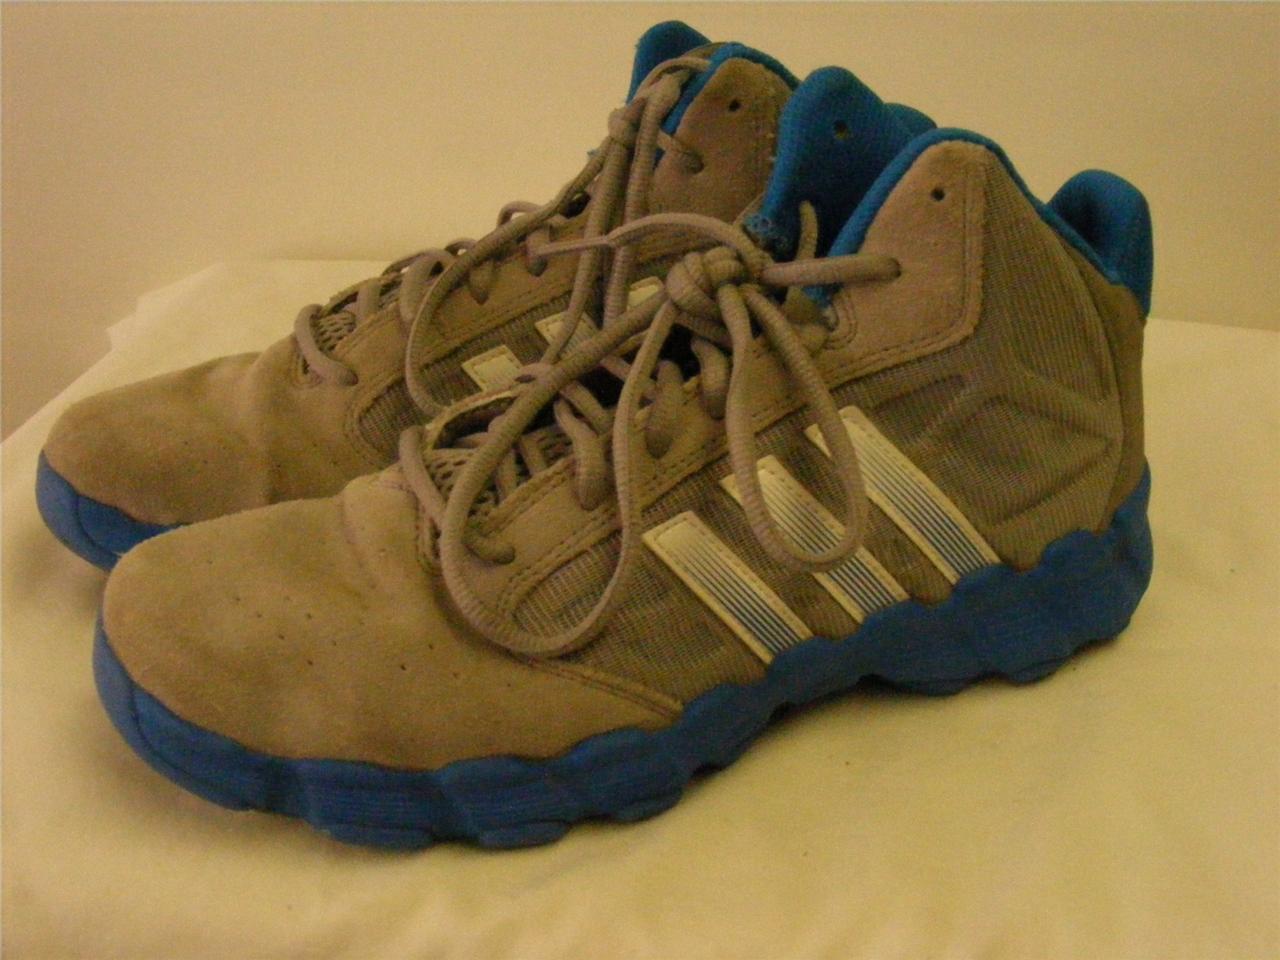 Mens adidas pelle grigio   blu blu blu leggeri hi top scarpe da basket 7 pulita | Del Nuovo Di Arrivo  a2b777